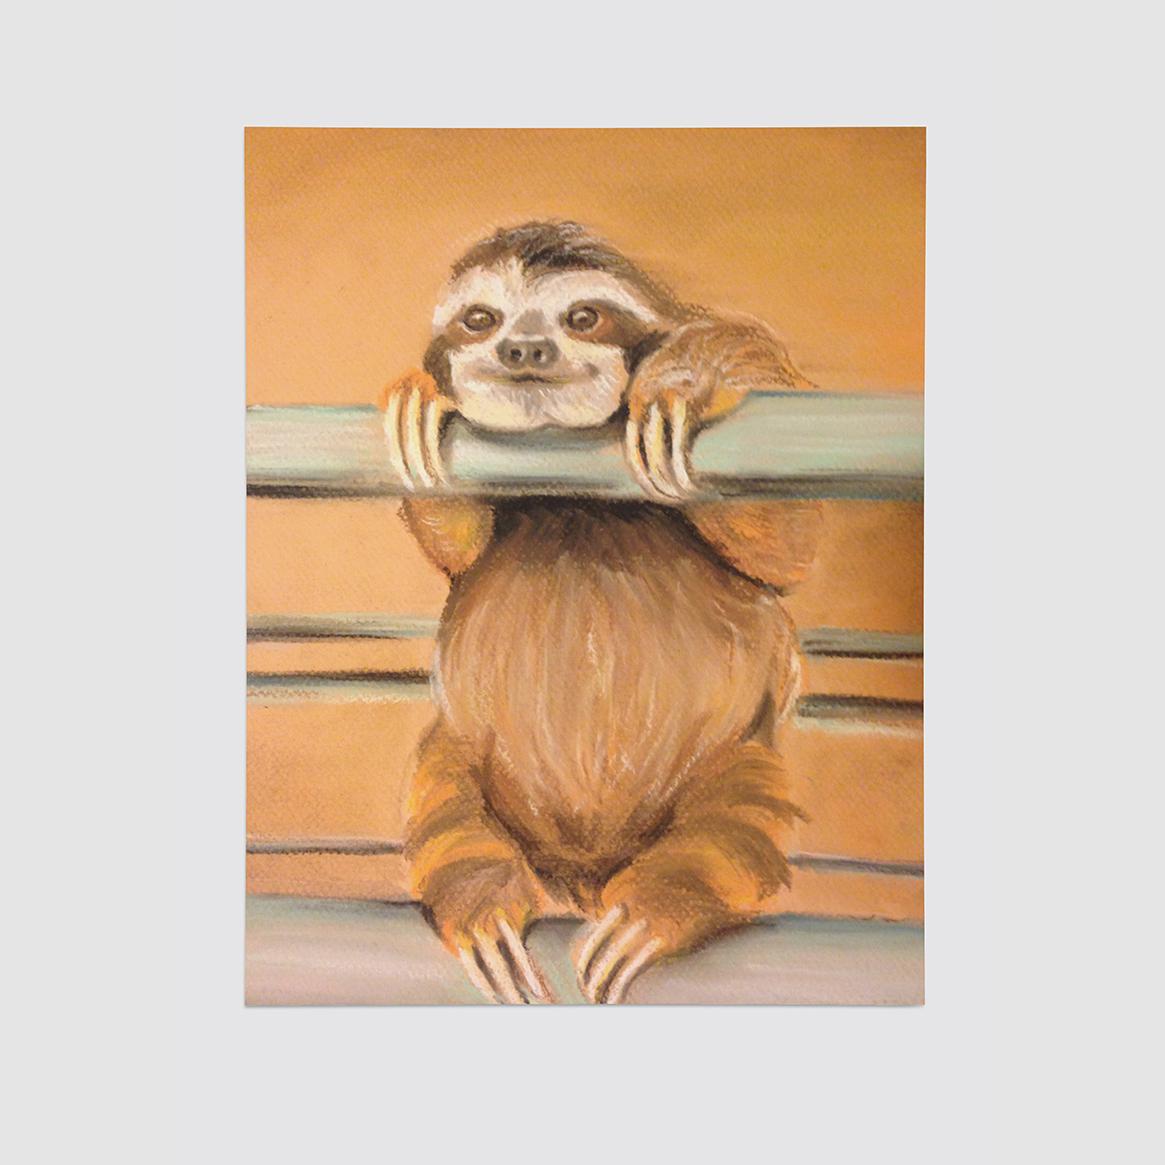 sloth_square.jpg